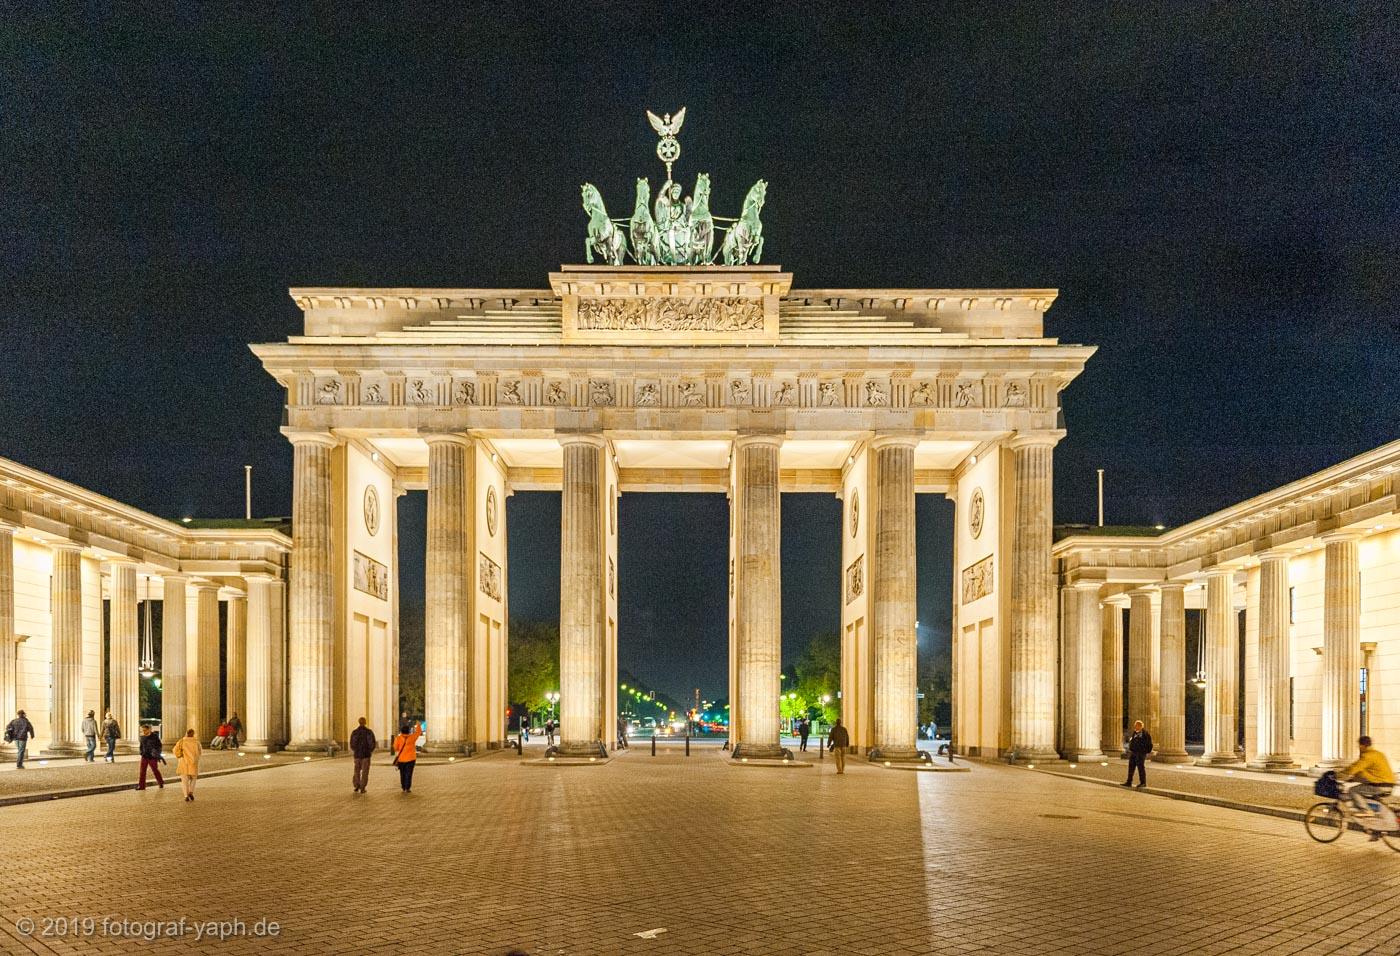 Das Brandenburger Tor mit der lebendig wirkenden Quadriga ist auf dem Bild von Fotograf Yaph beeindruckend festgehalten durch starke Licht-Kontraste in der Abendstimmung.